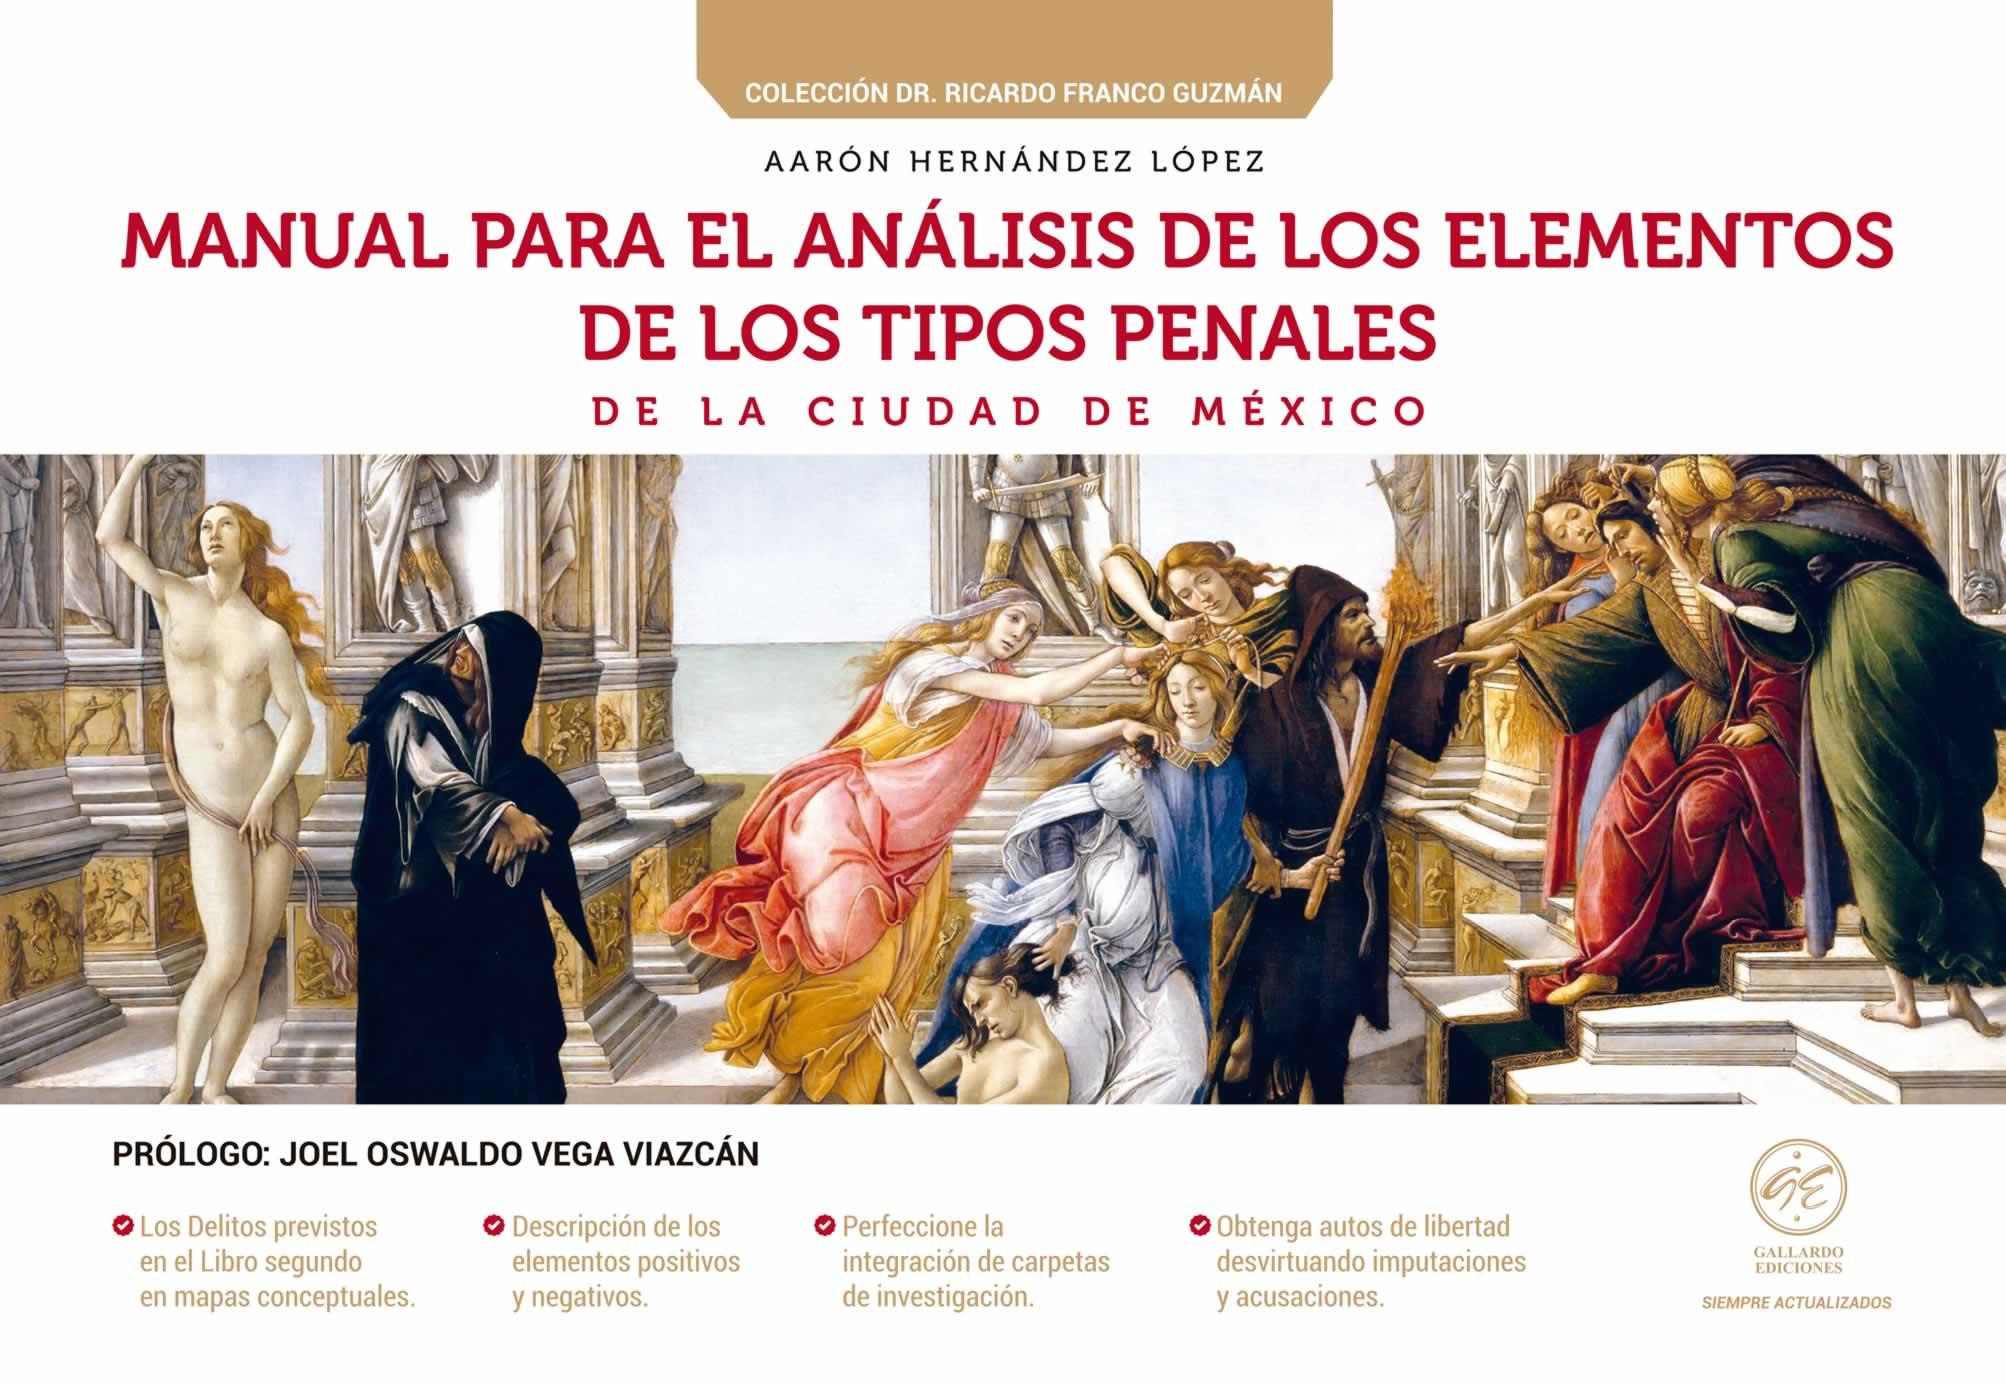 Manual para el Análisis de los Elementos de los Tipos Penales de la Ciudad de México